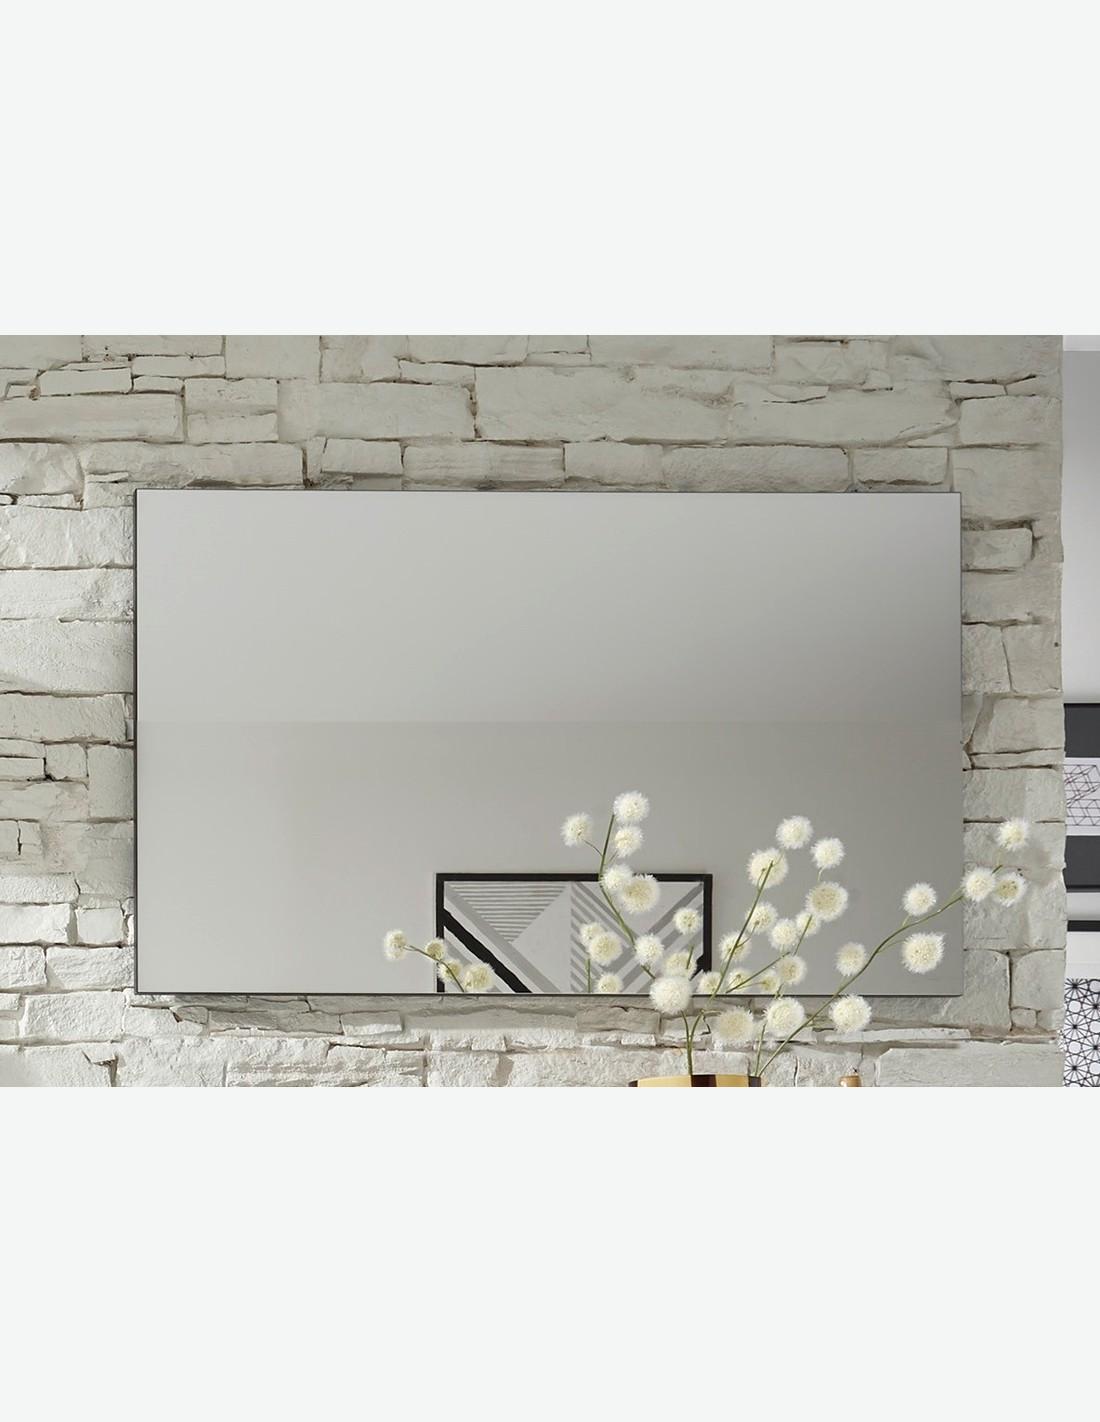 spiegel ohne rahmen spiegel ohne rahmen bilder das wirklich ehrfurcht spiegel nach ma spiegel. Black Bedroom Furniture Sets. Home Design Ideas